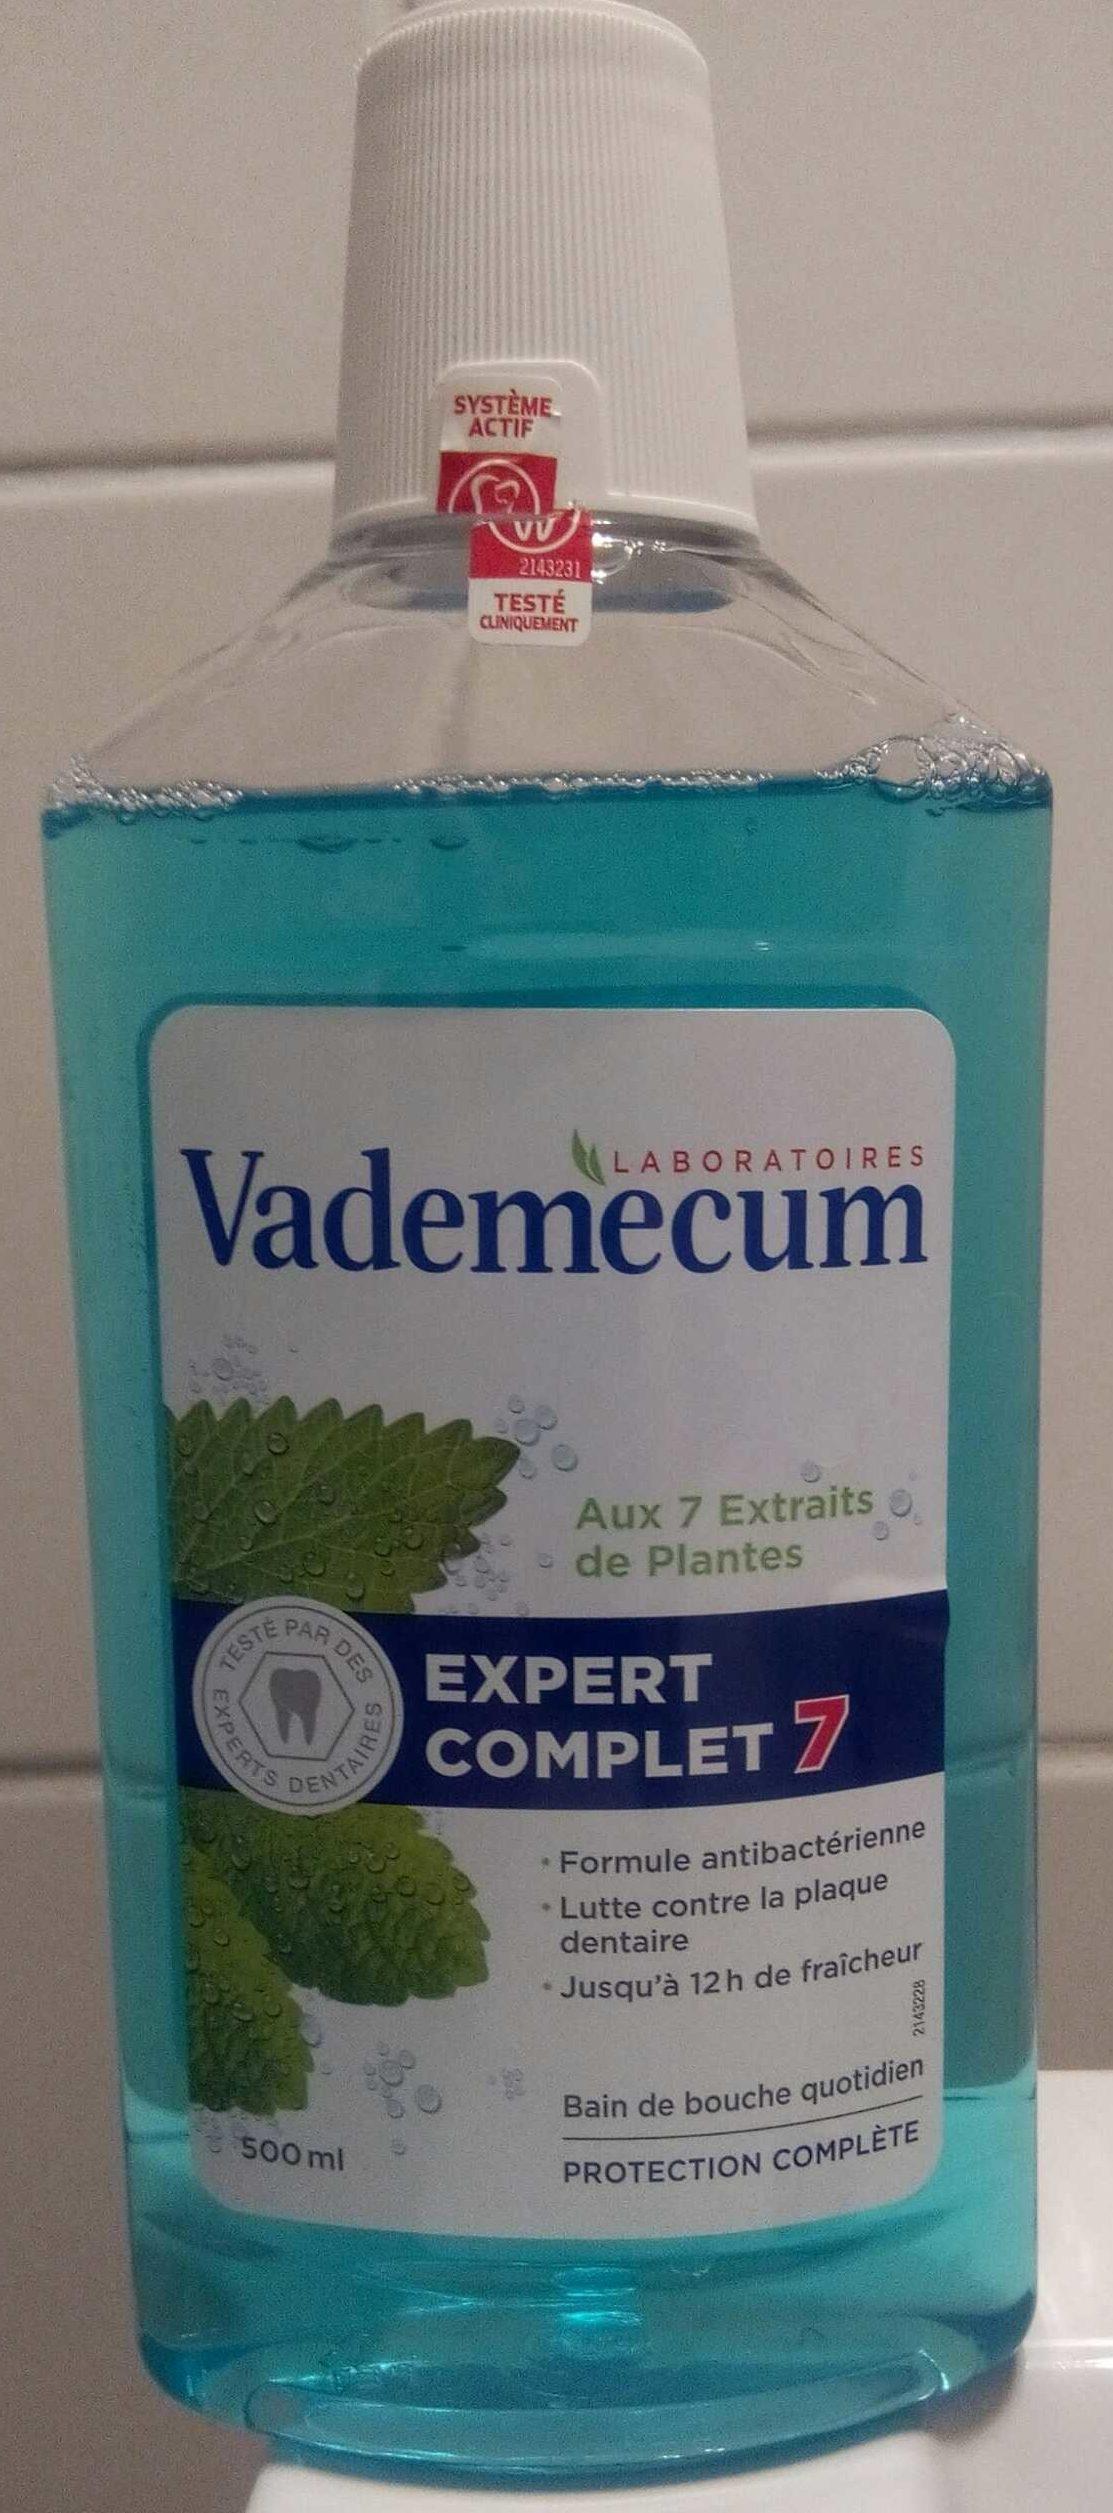 Bain de bouche EXPERT COMPLET 7 - Product